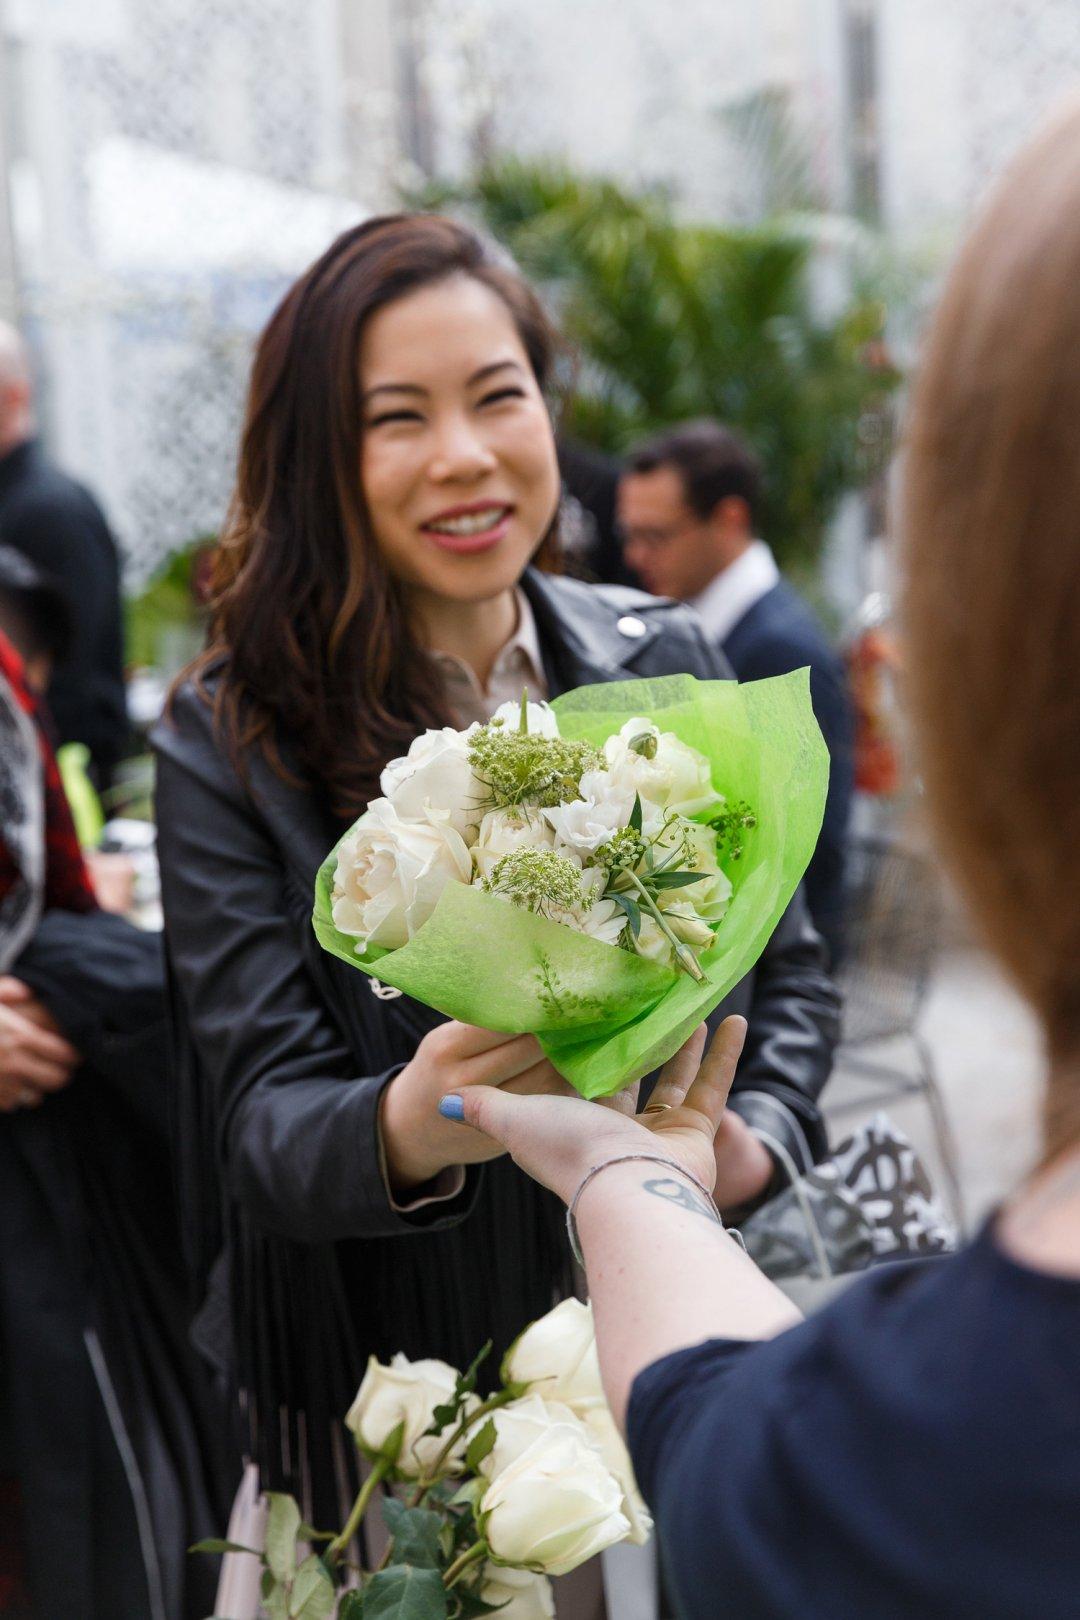 Woman receiving white floral bouquet